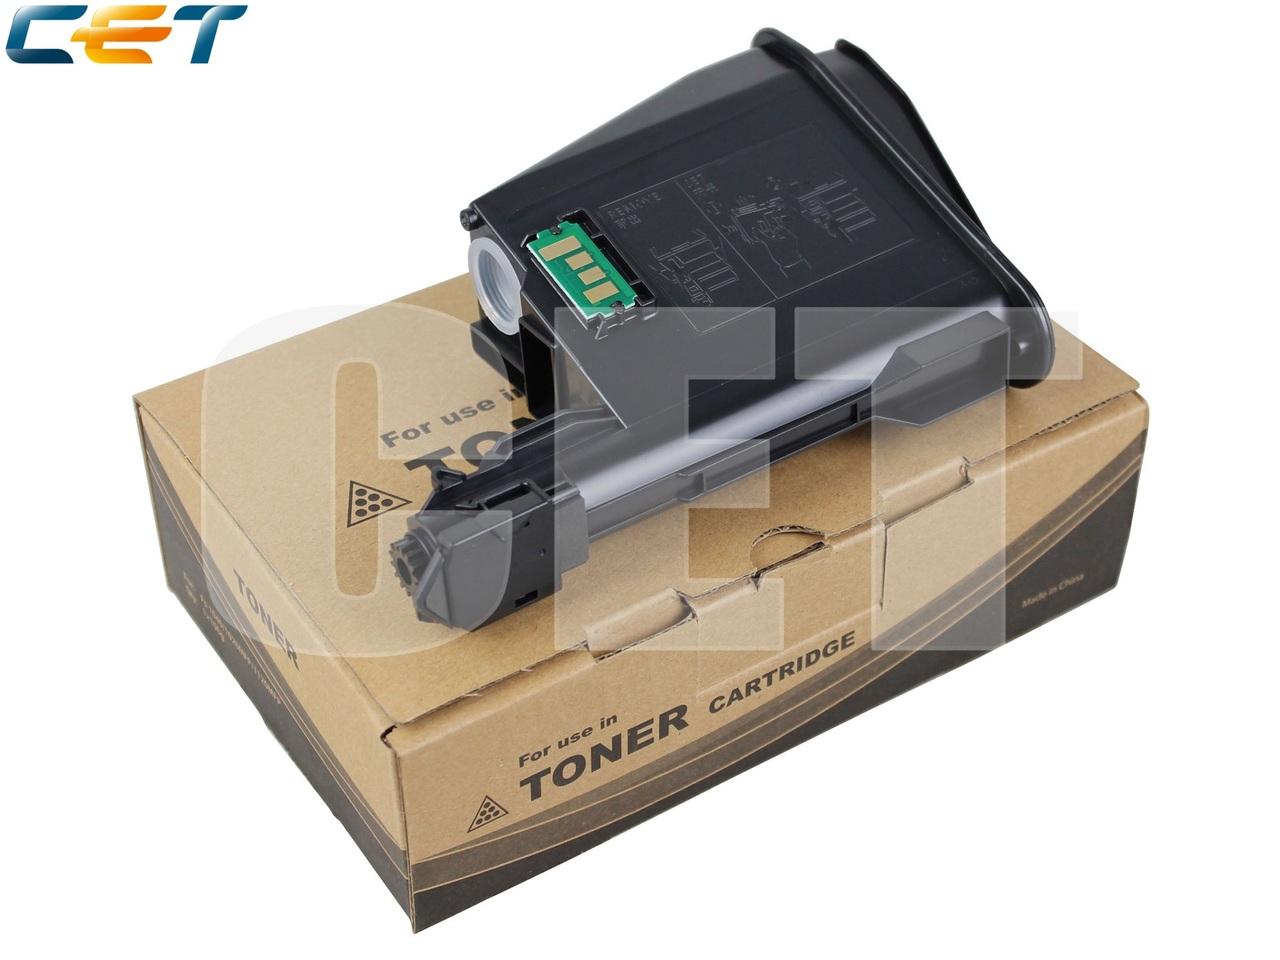 Тонер-картридж (PK9) TK-1110 для KYOCERAFS-1040/1020MFP/1120MFP (CET), 100г, 2500 стр., CET8178